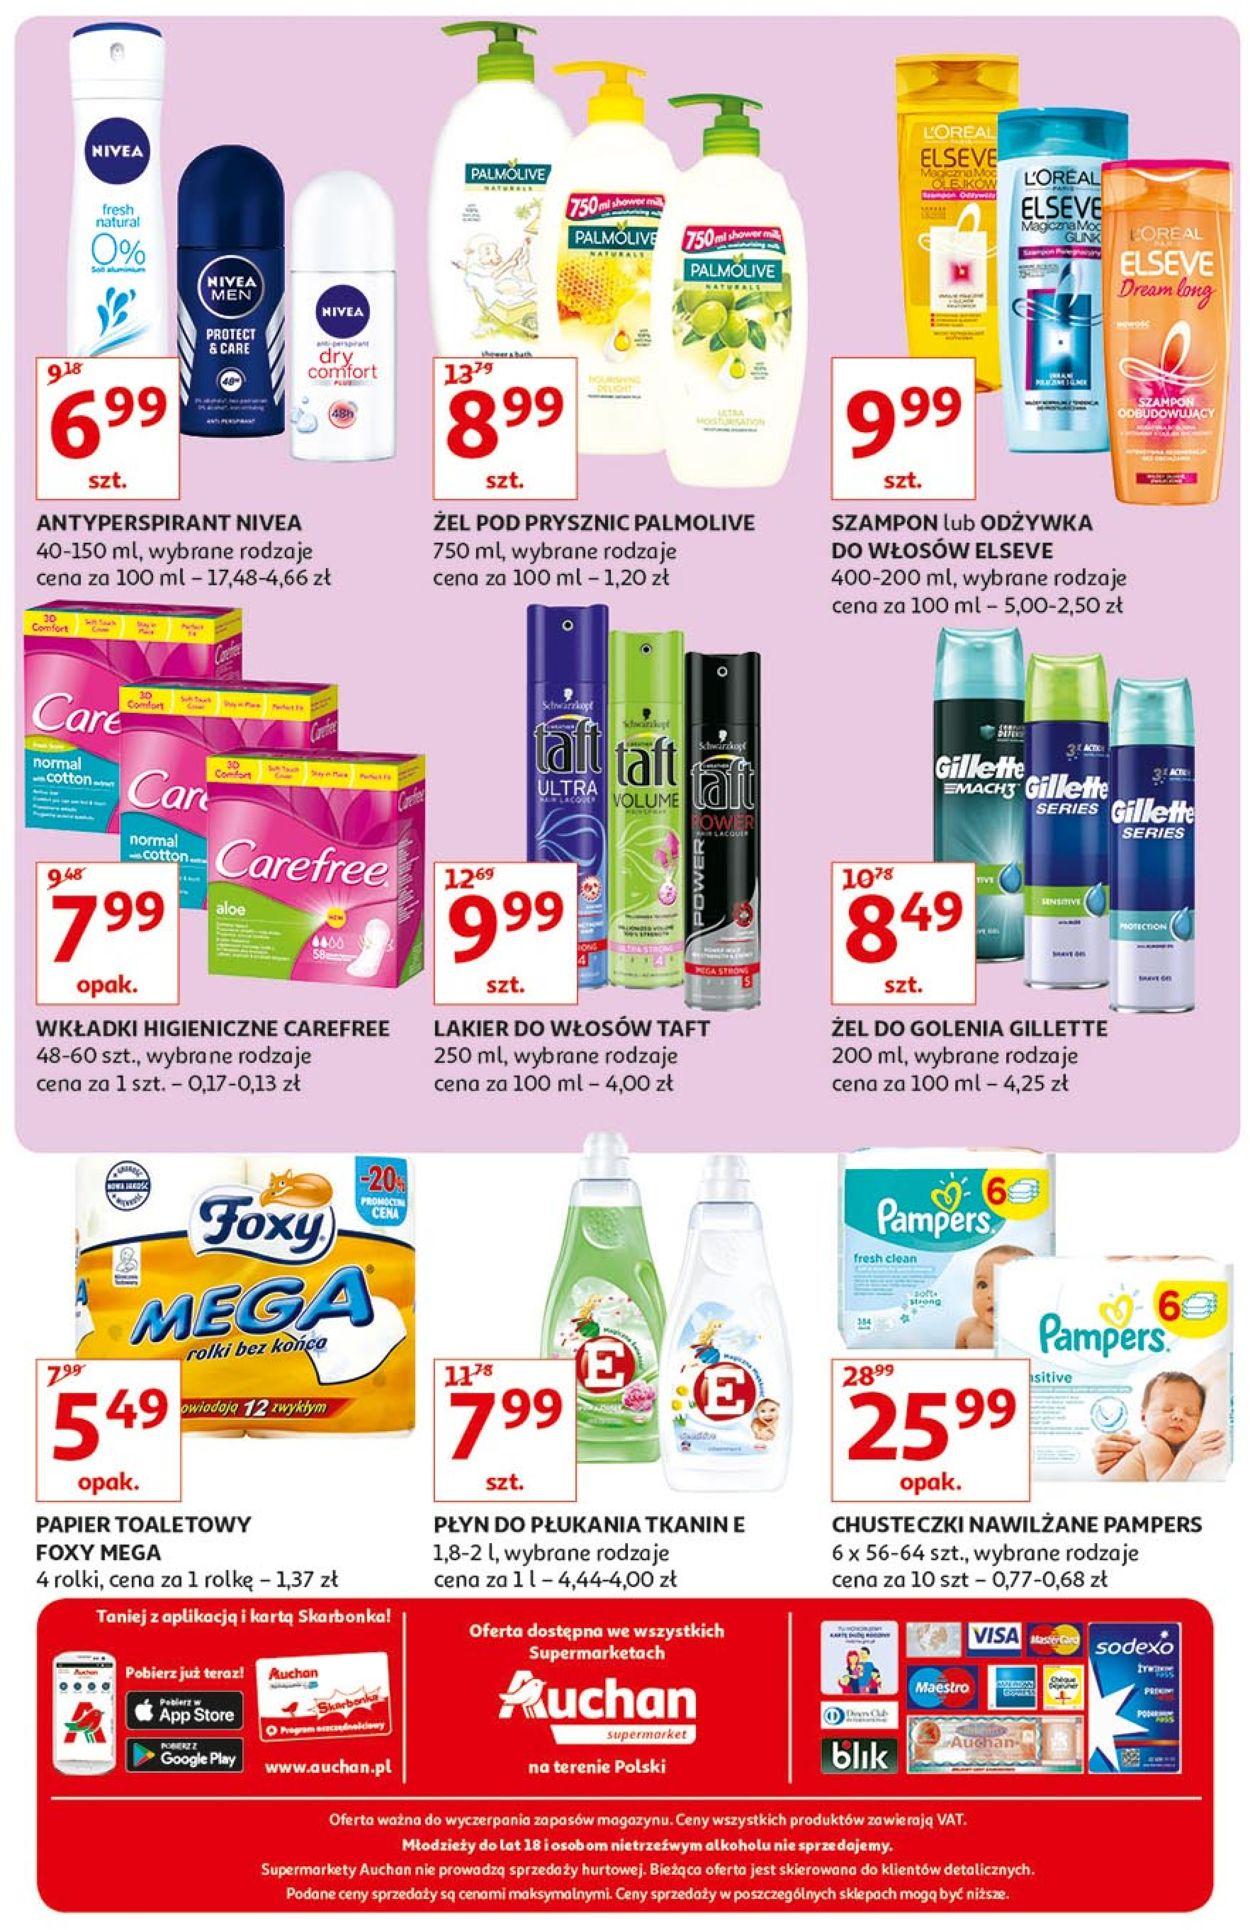 Gazetka promocyjna Auchan - 13.06-19.06.2019 (Strona 8)